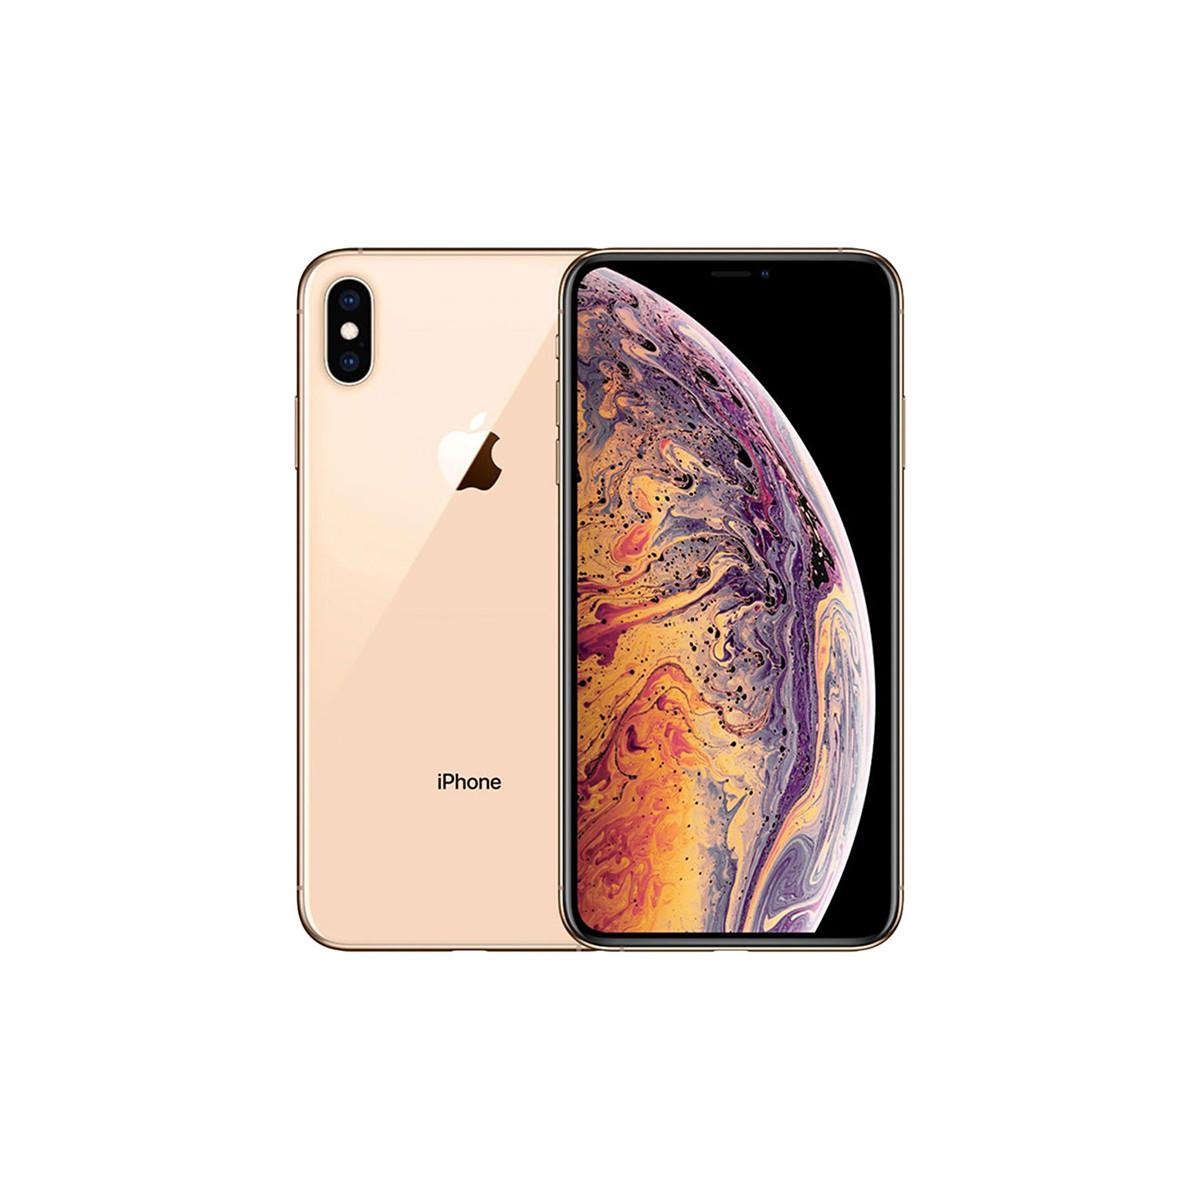 苹果iPhone XS Max 双卡双待 256G 全网通苹果iPhoneXSMax256G金